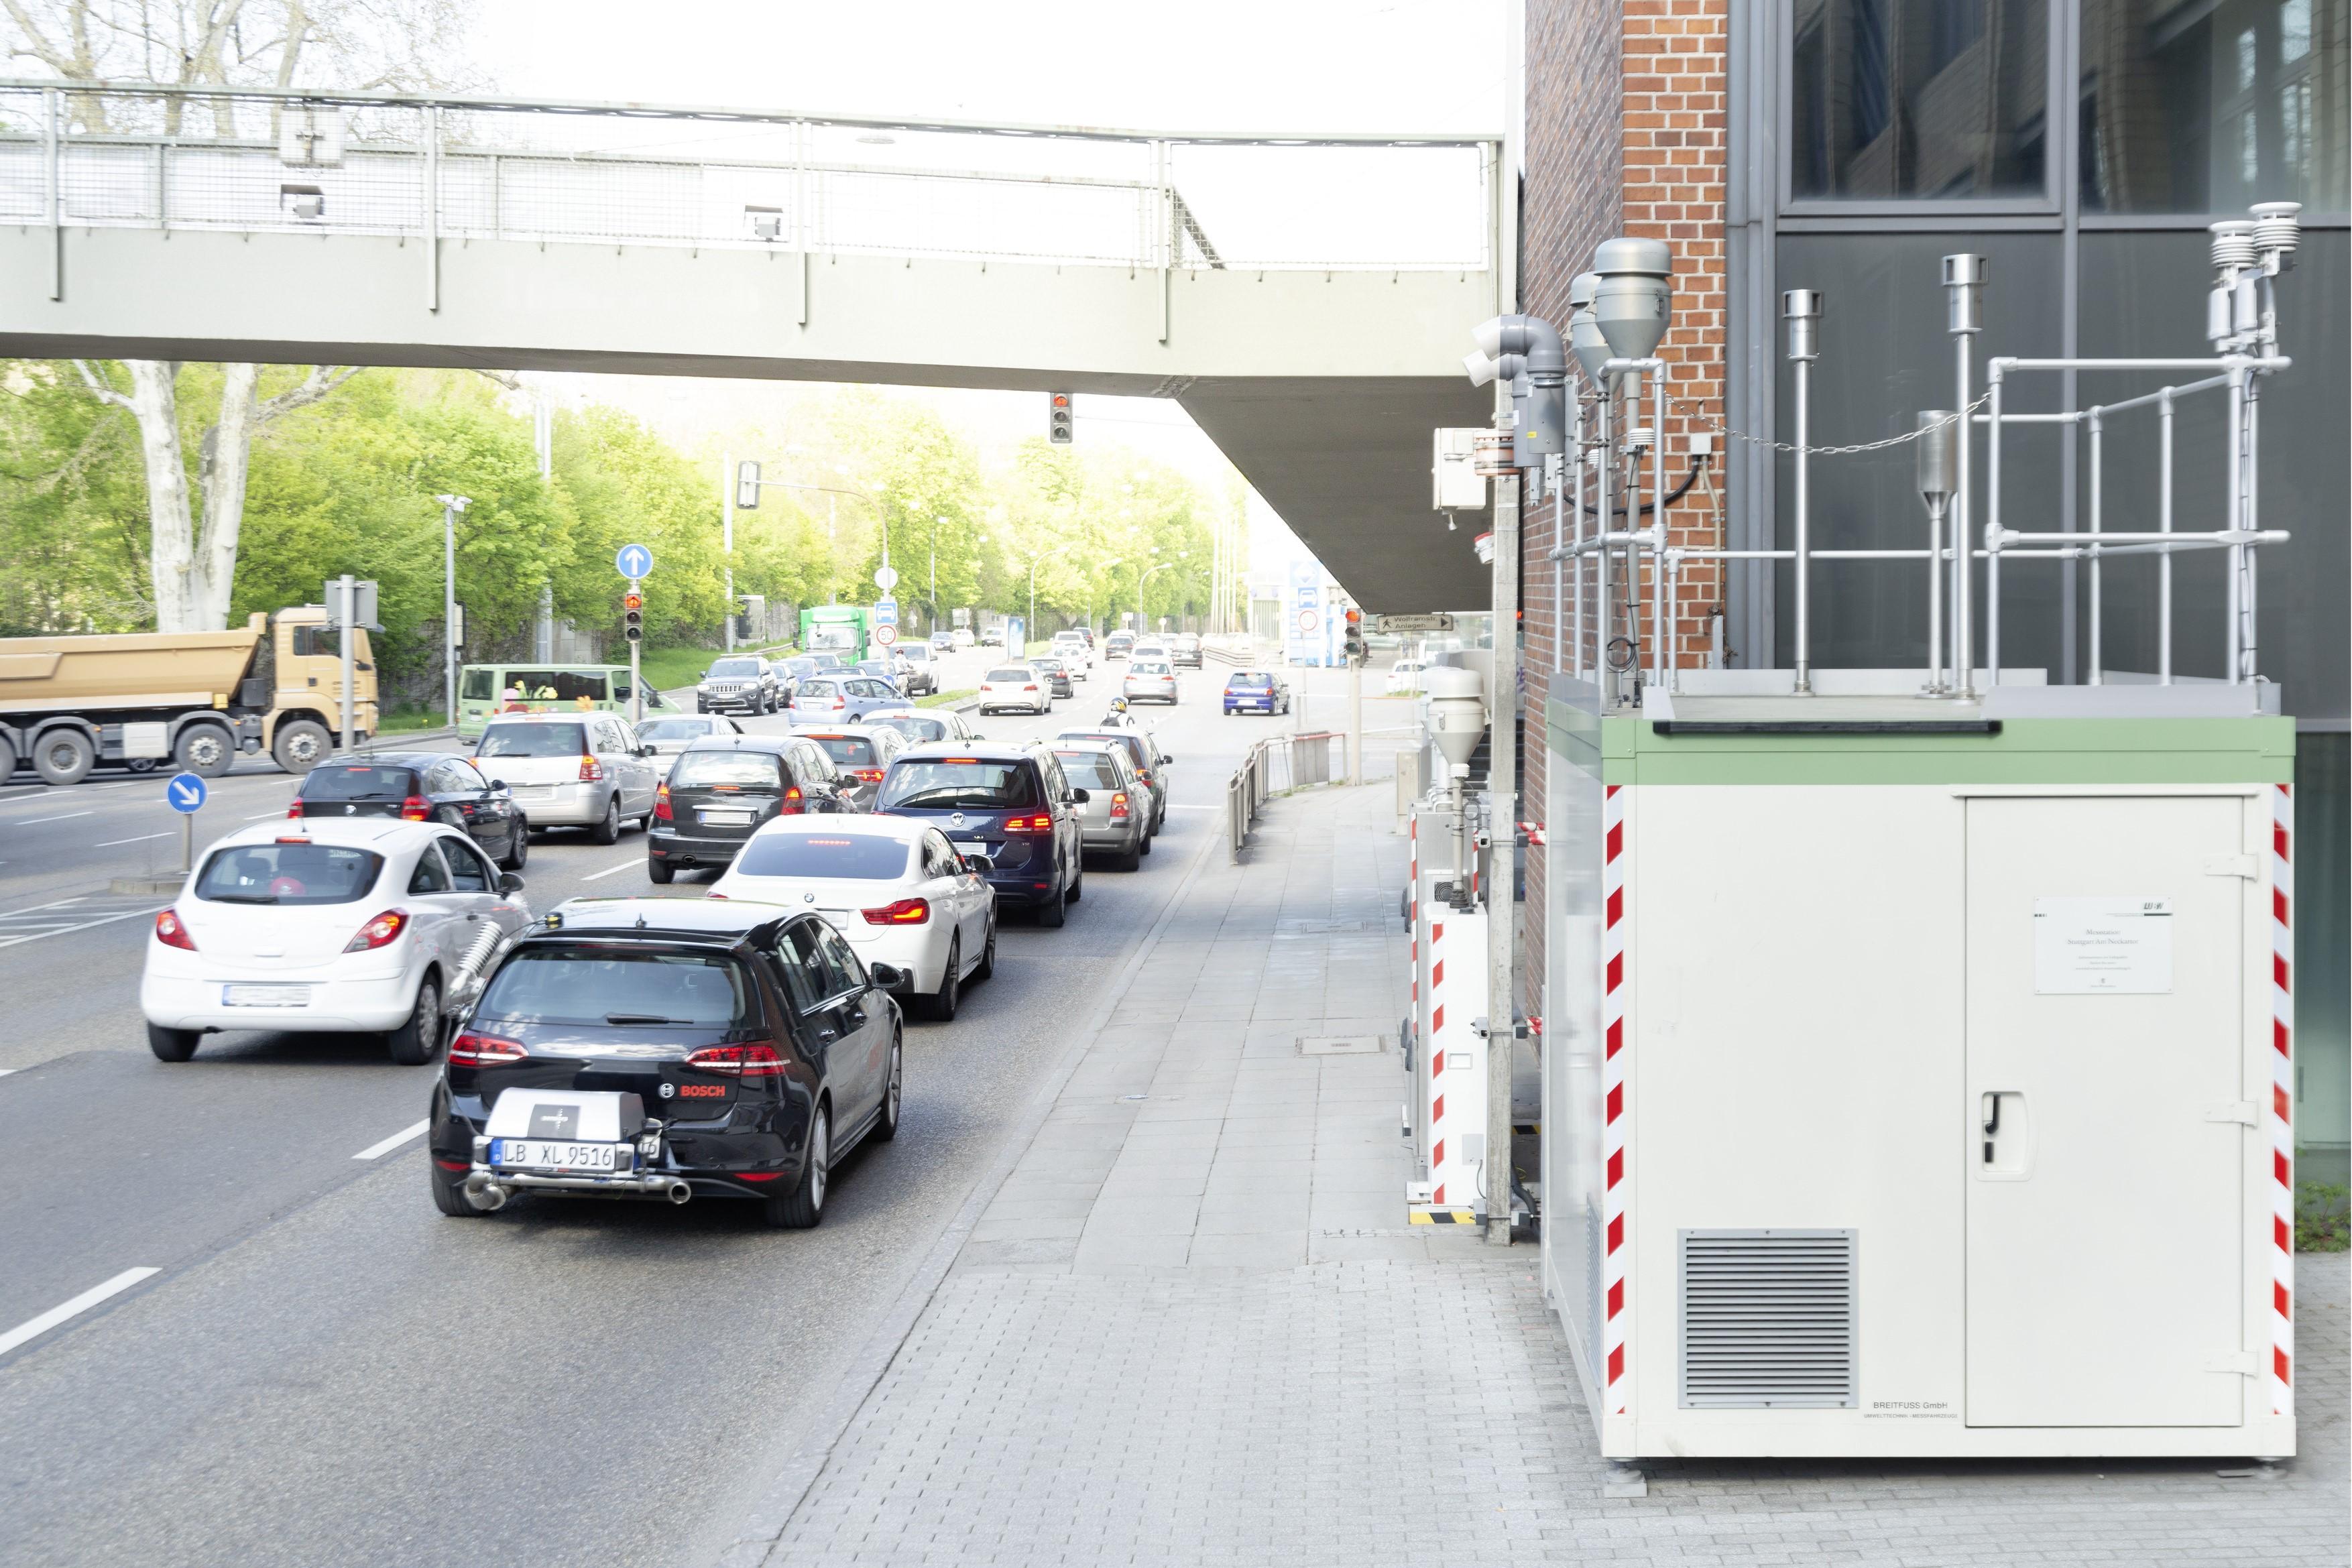 Bosch vindt nieuwe wegen voor mobiliteit en de bescherming van het milieu